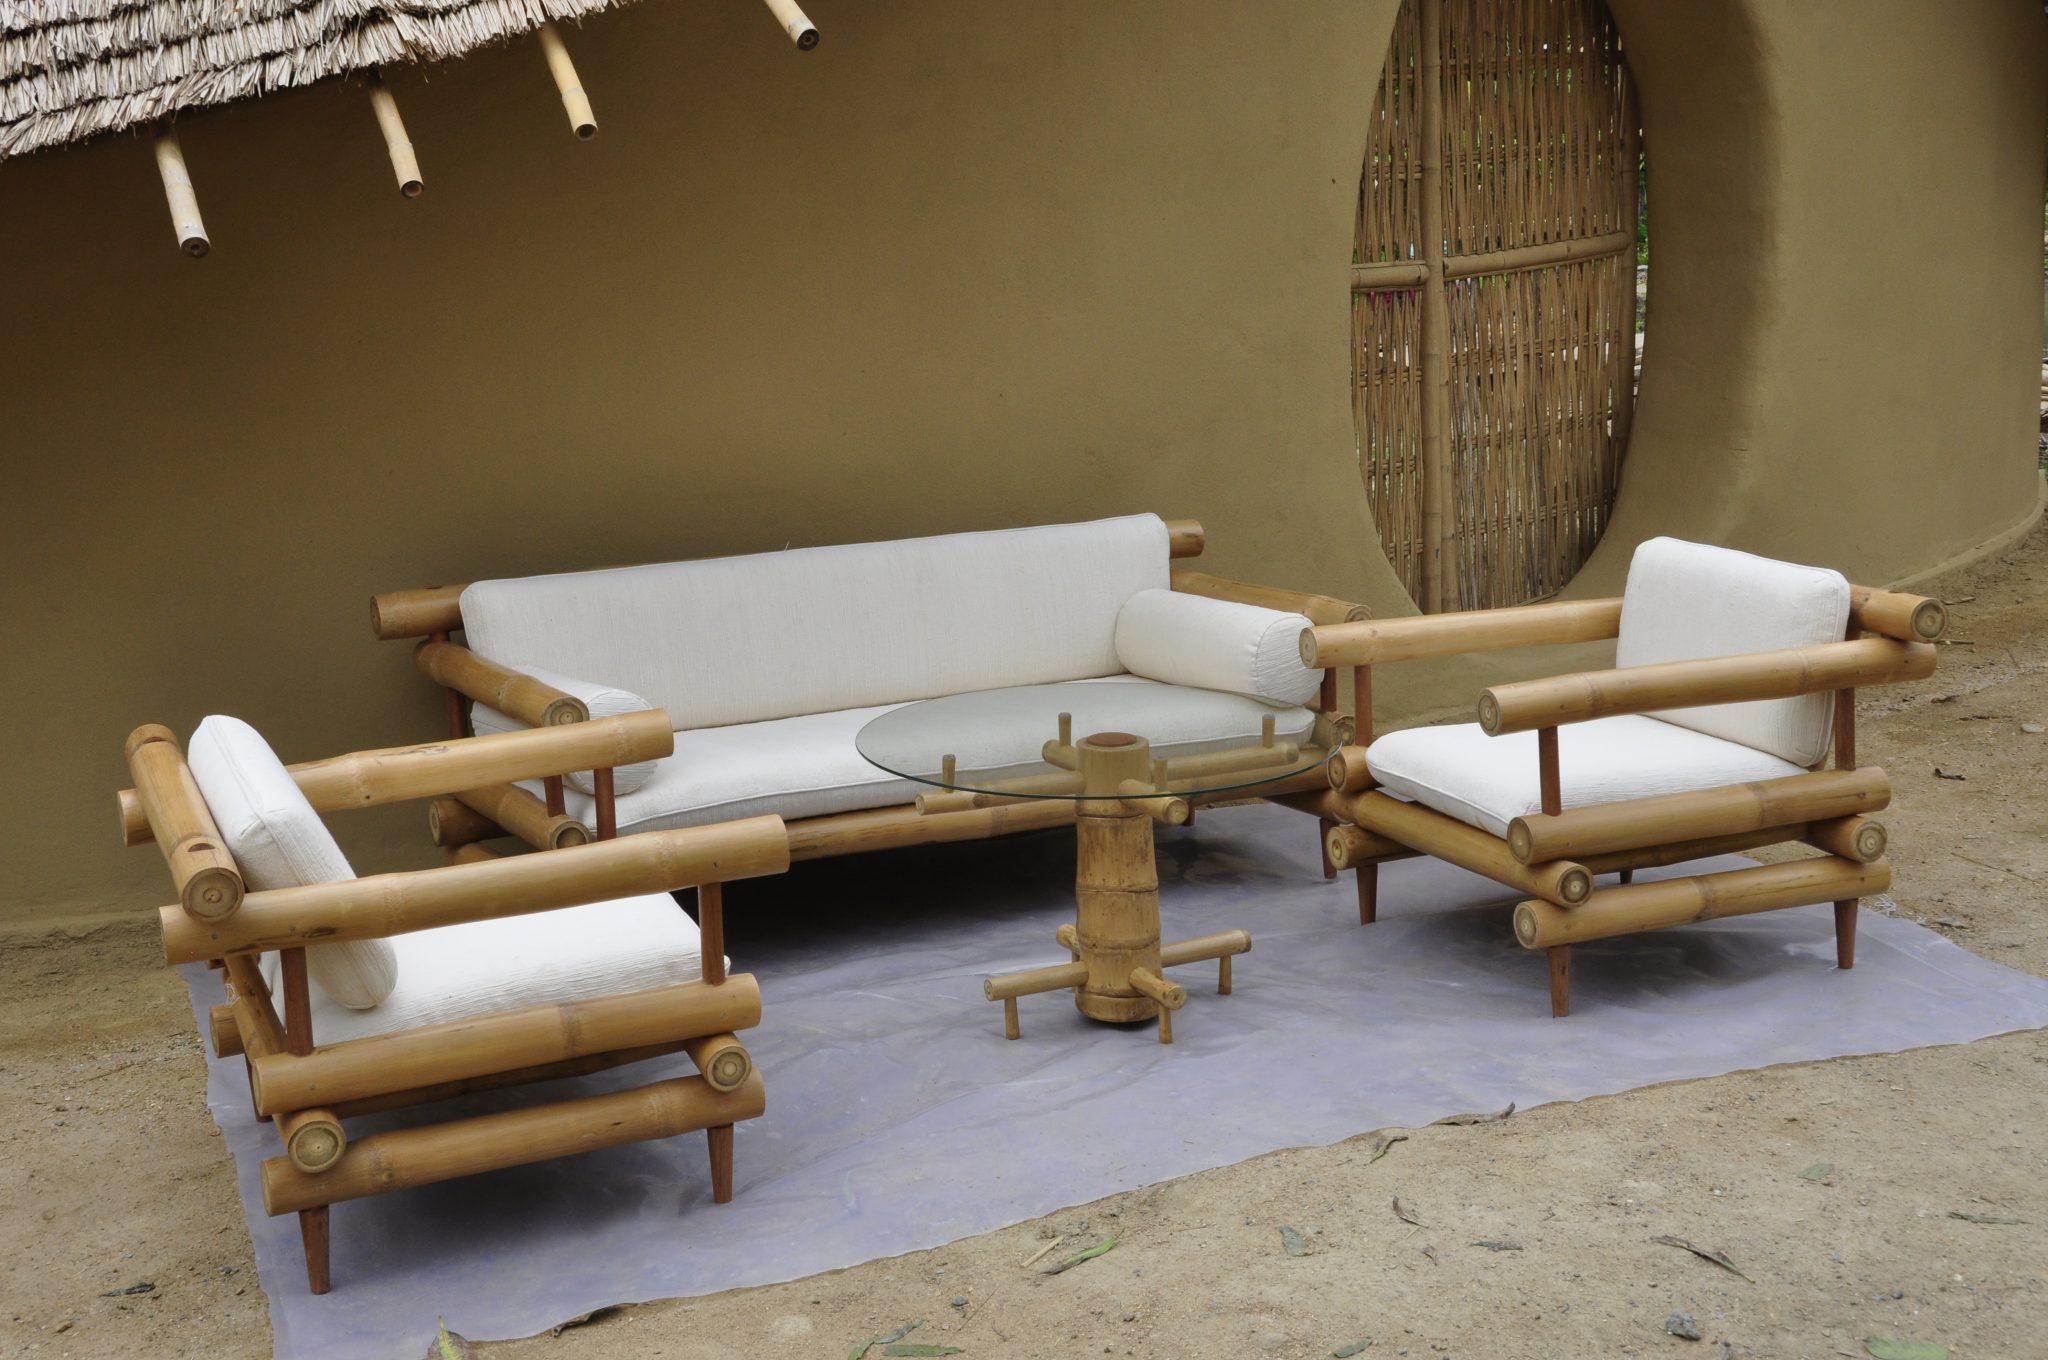 Bamboo Sofa Set 1 Bamboo Earth Architecture